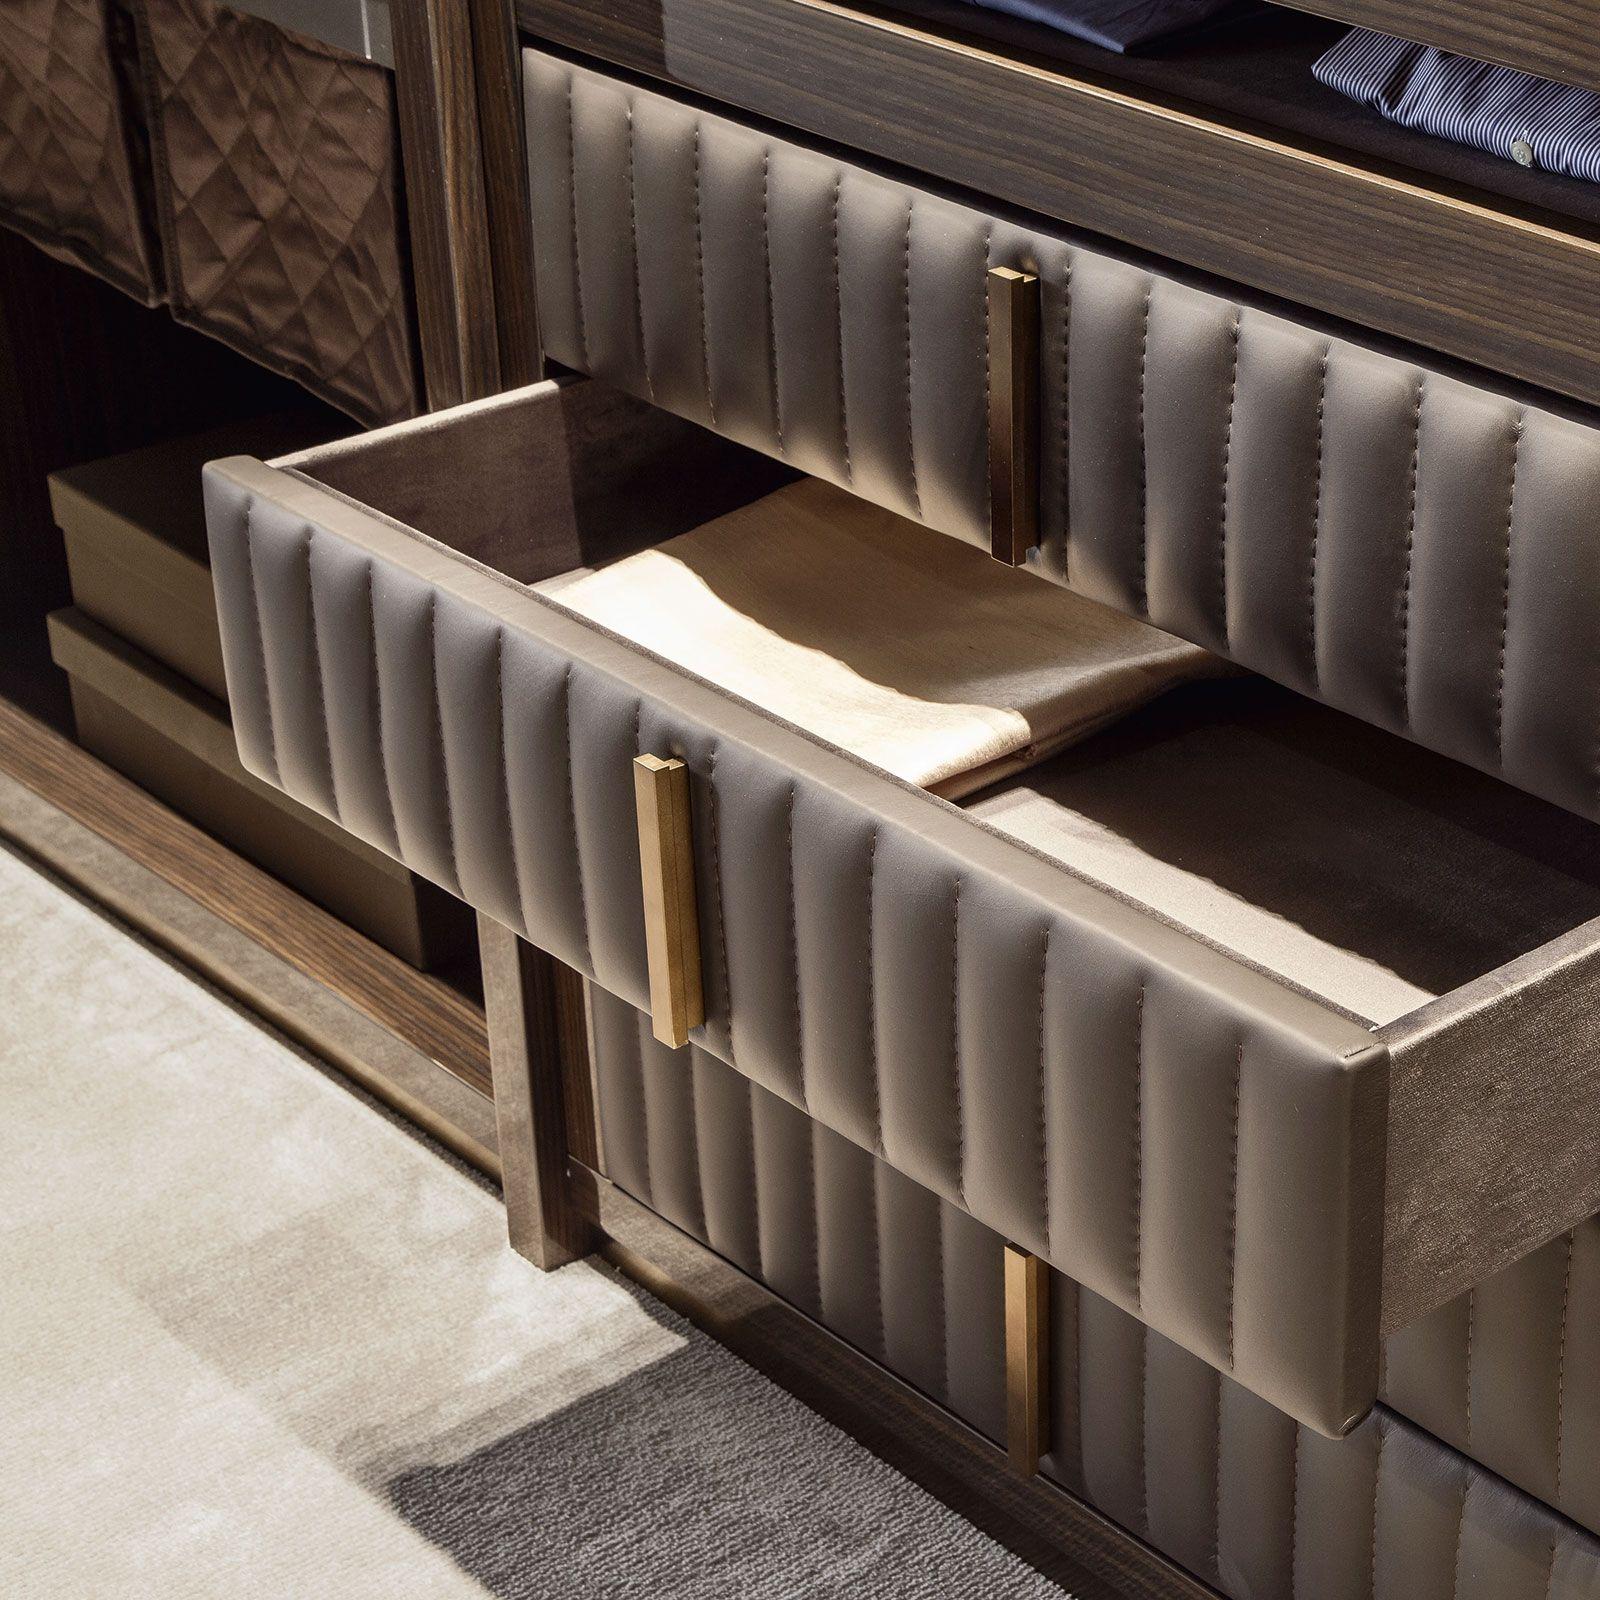 Daytona arredamento contemporaneo moderno di lusso arredo for Arredi di lusso casa